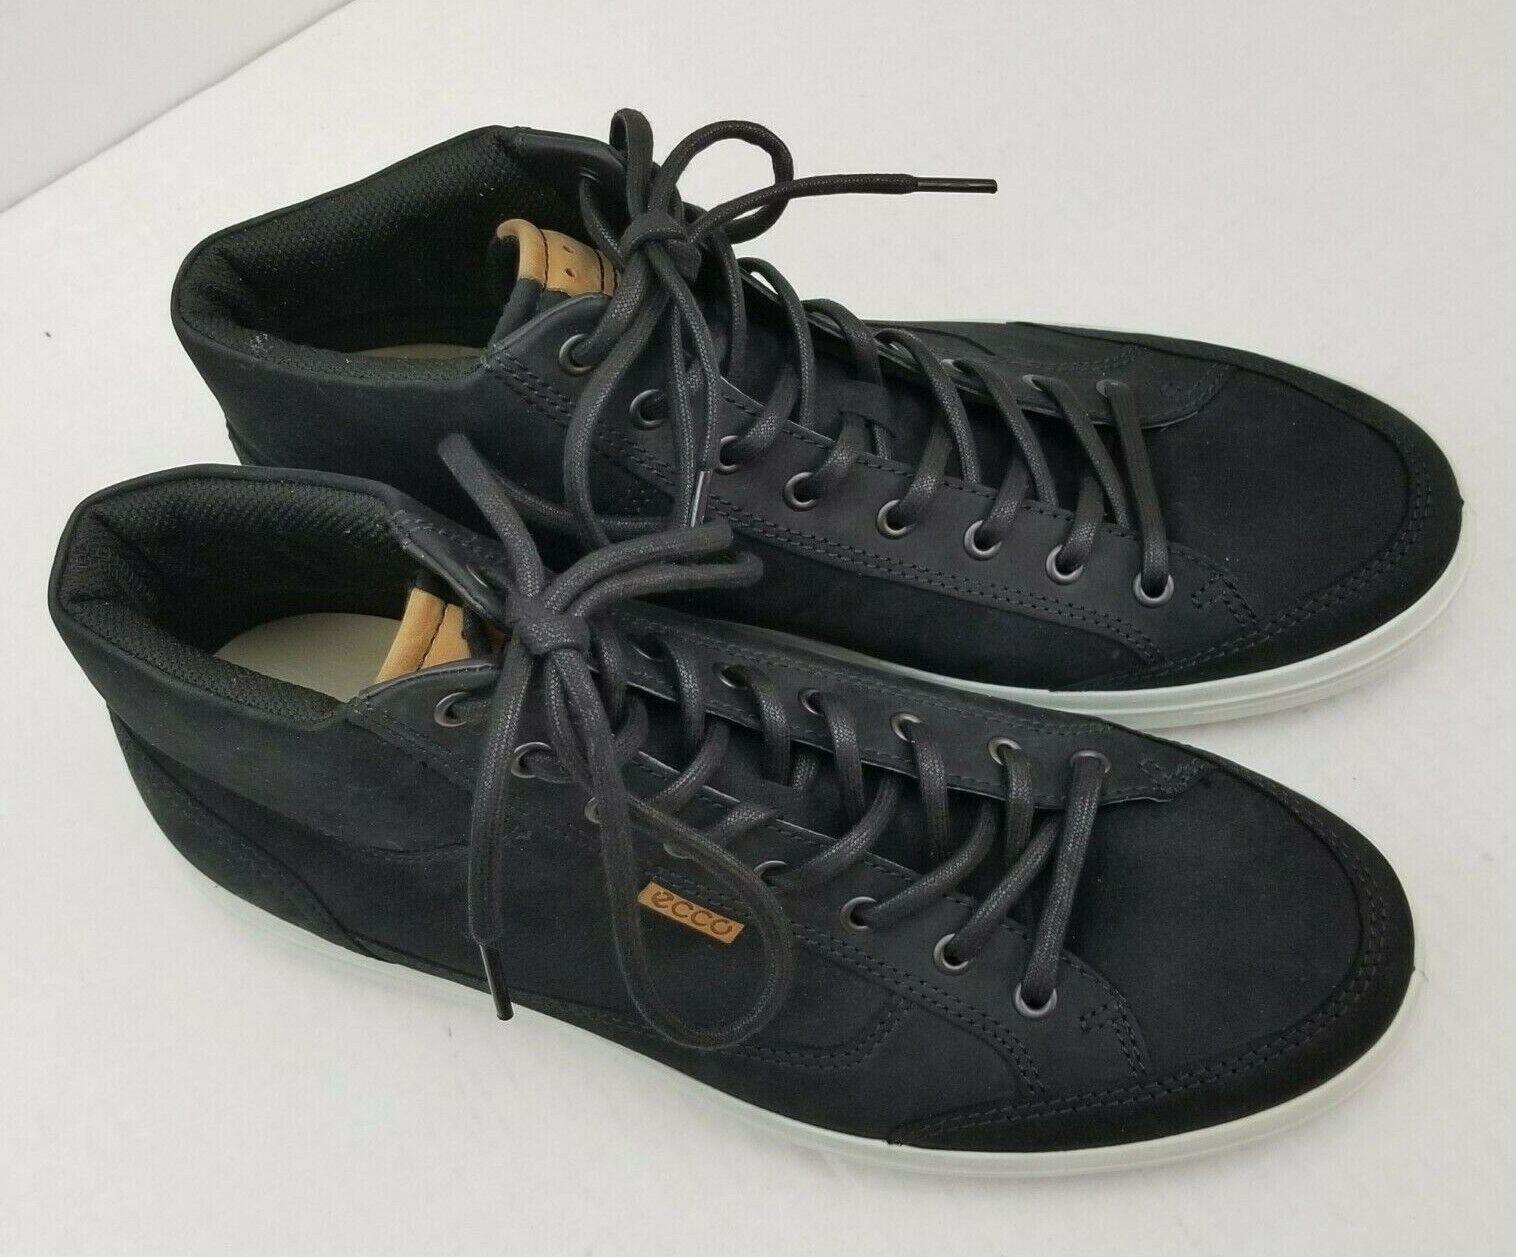 ECCO Suave 7 High Top Zapatillas para hombre de EE. UU. () aceite nobuck negro